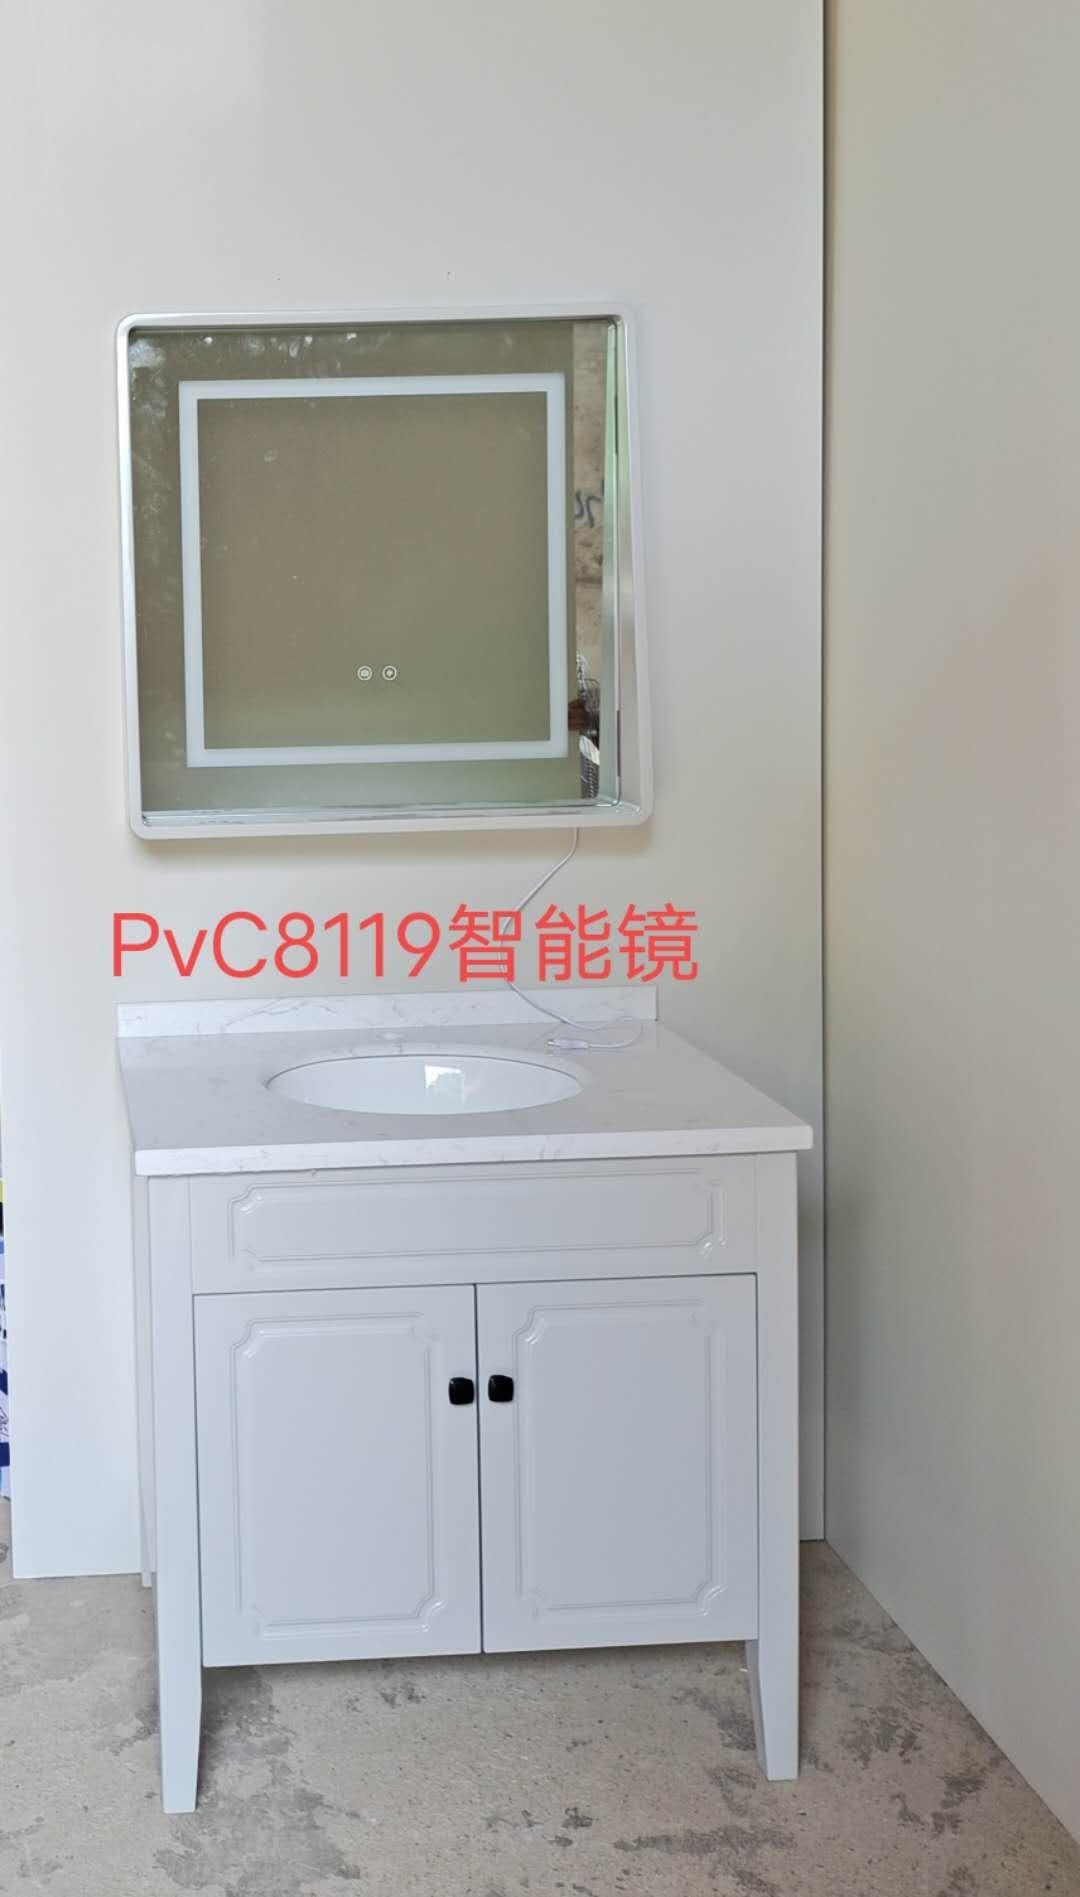 pvC8119